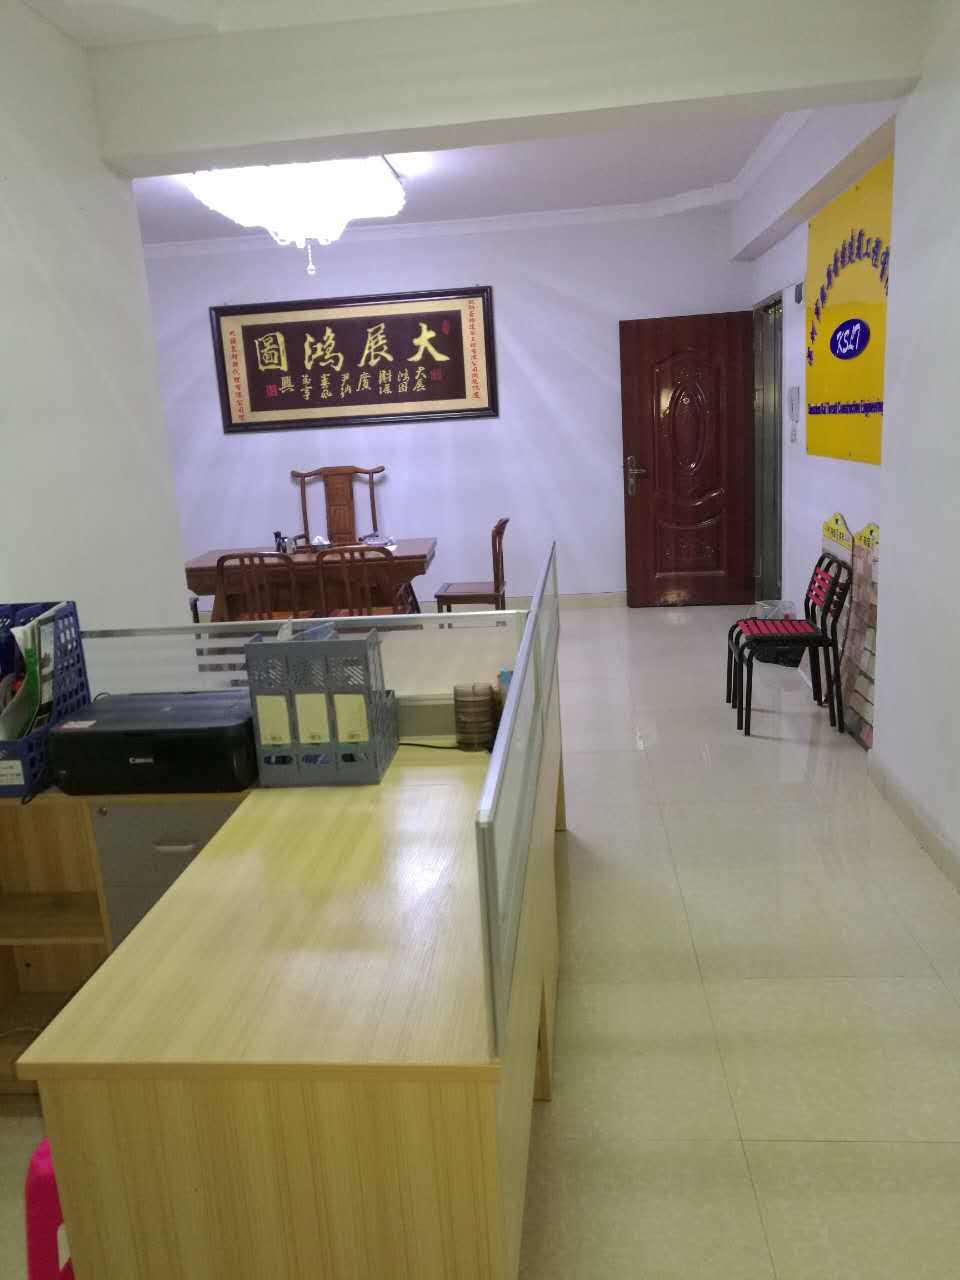 深圳公明楼村小产权三房110平米58万,户型方正实用 三房二厅 第7张